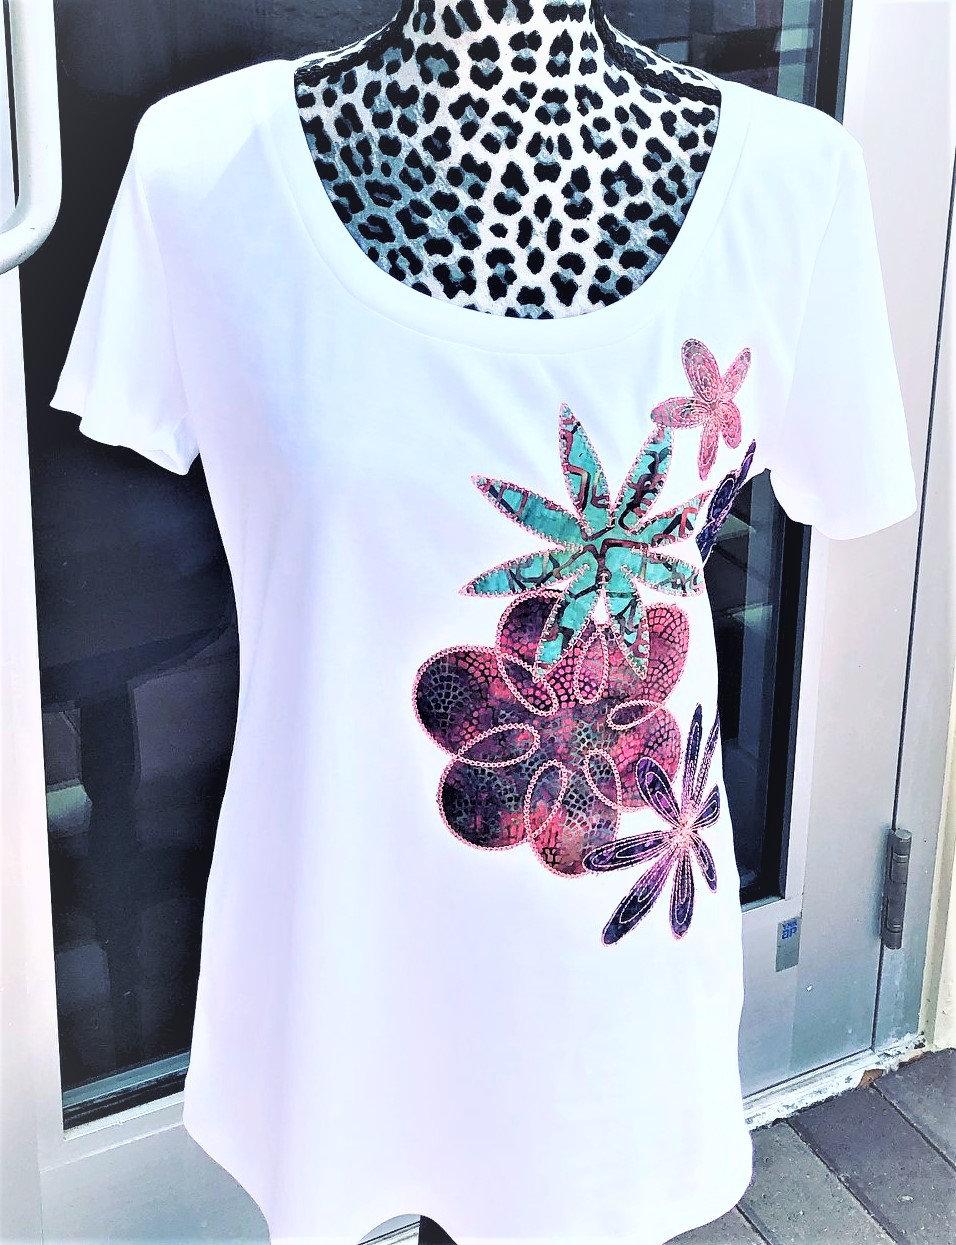 Applique T-shirt from Scratch